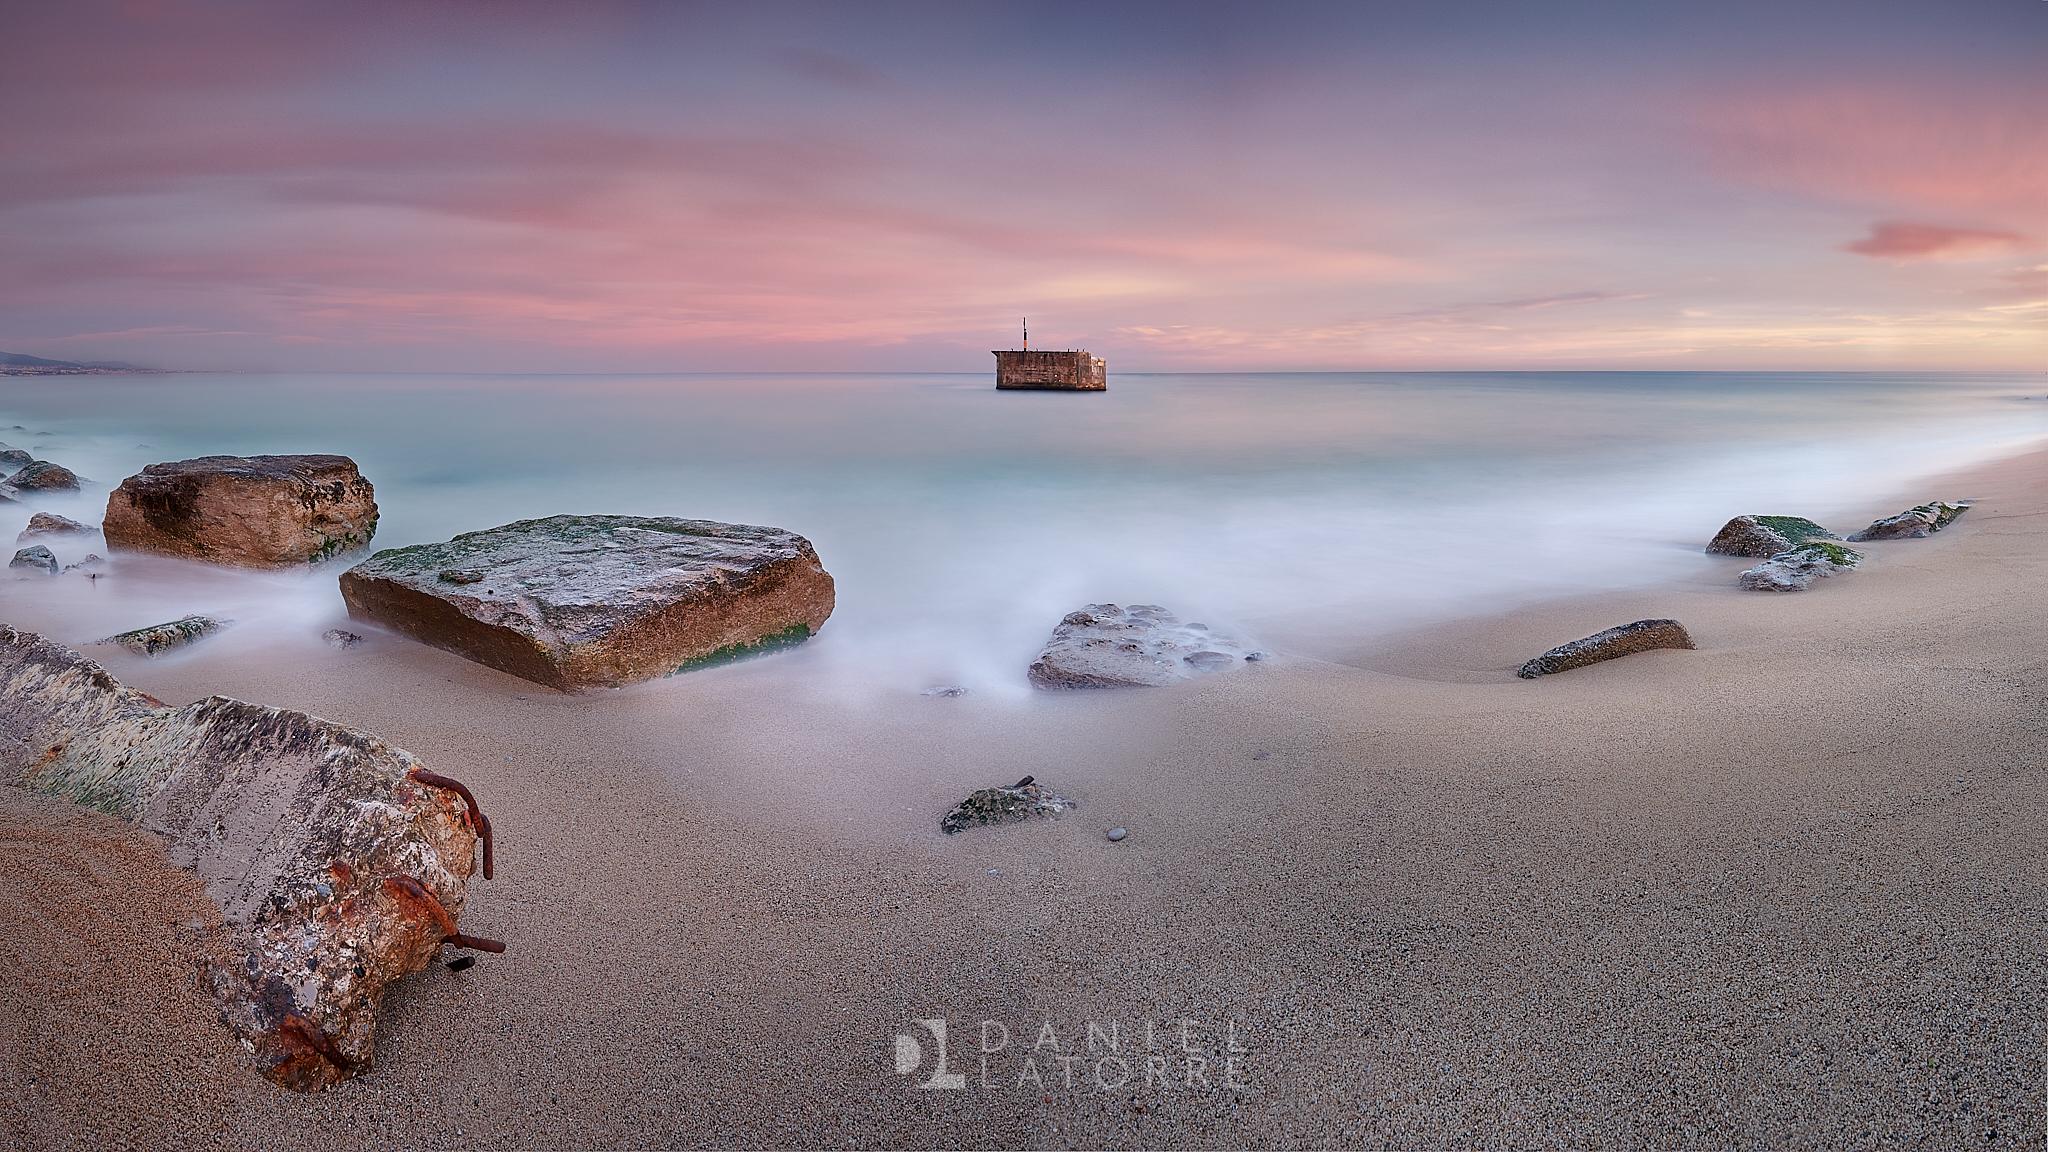 Fotografía de paisaje, Costa de Badalona, Besos. Larga exposición, filtro ND, Canon 6D,Danilatorre,danilatorre, Dani Latorre, daniel Latorre